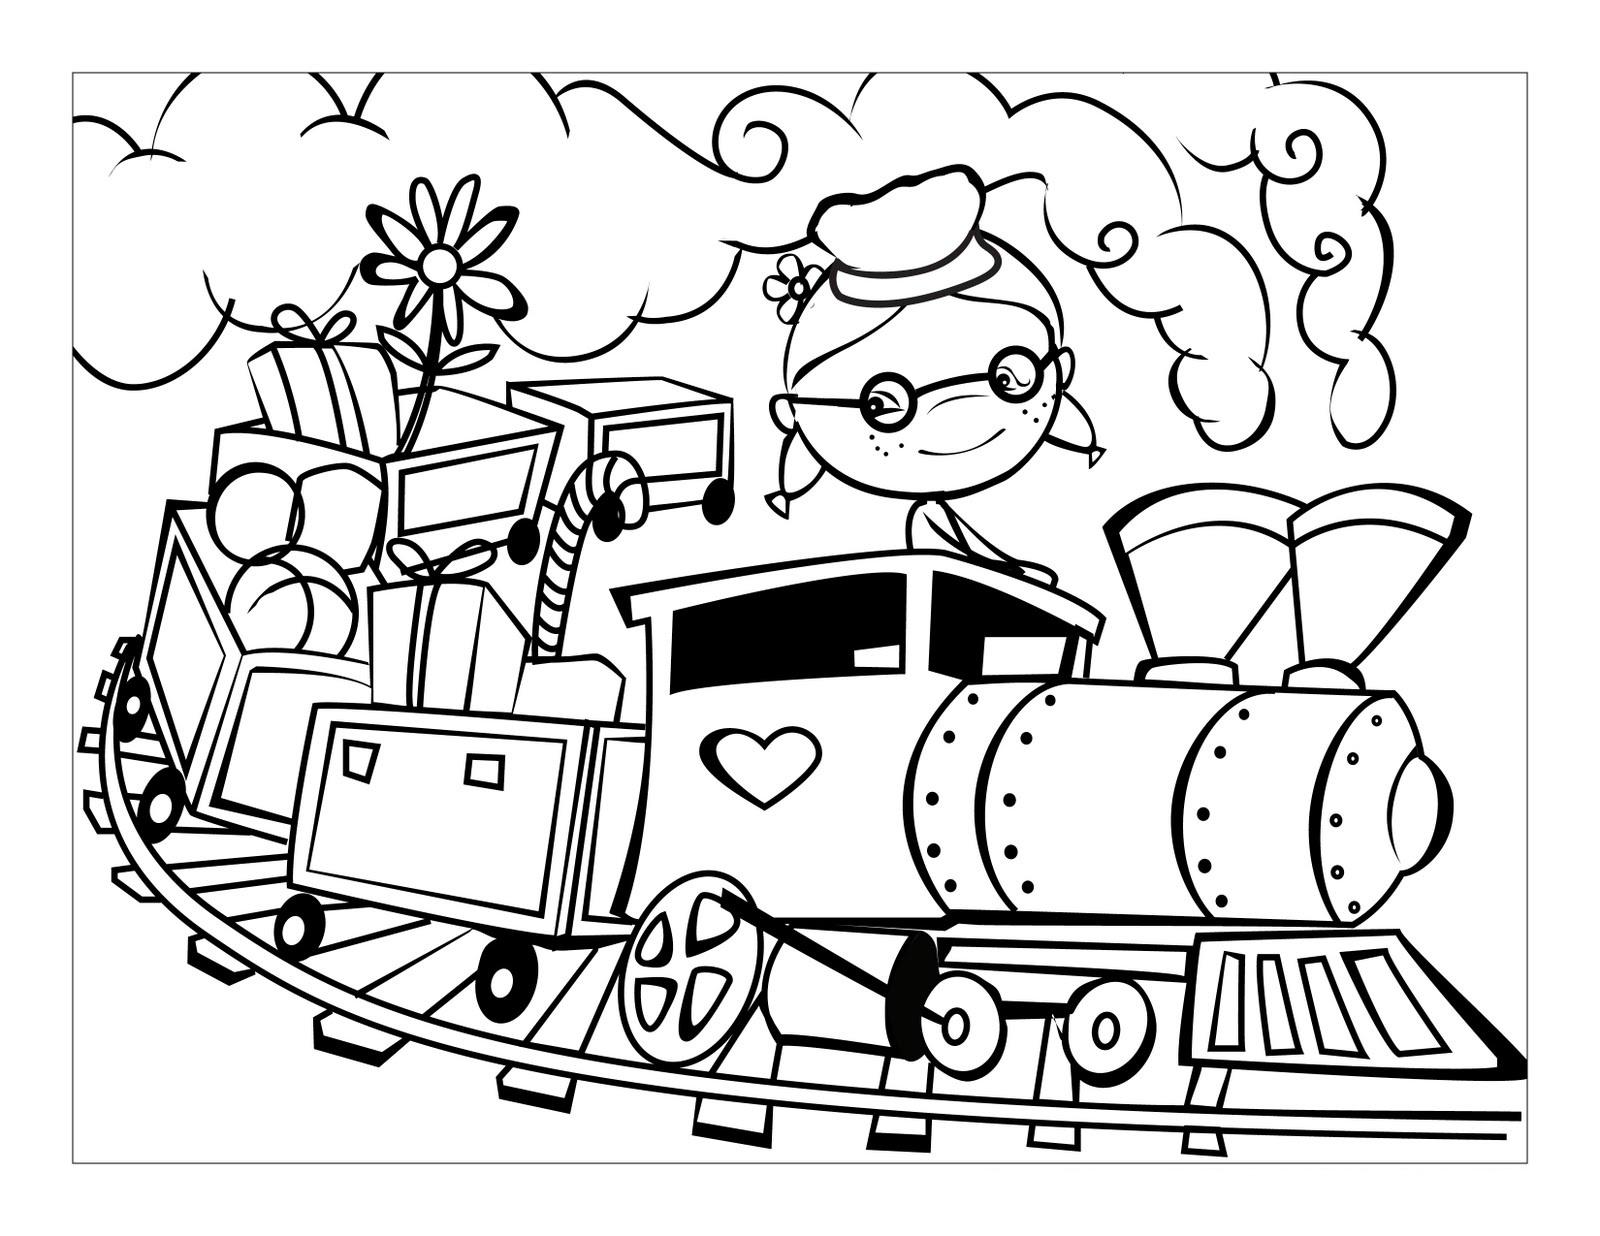 Поезд с игрушками Распечатать раскраски для мальчиков